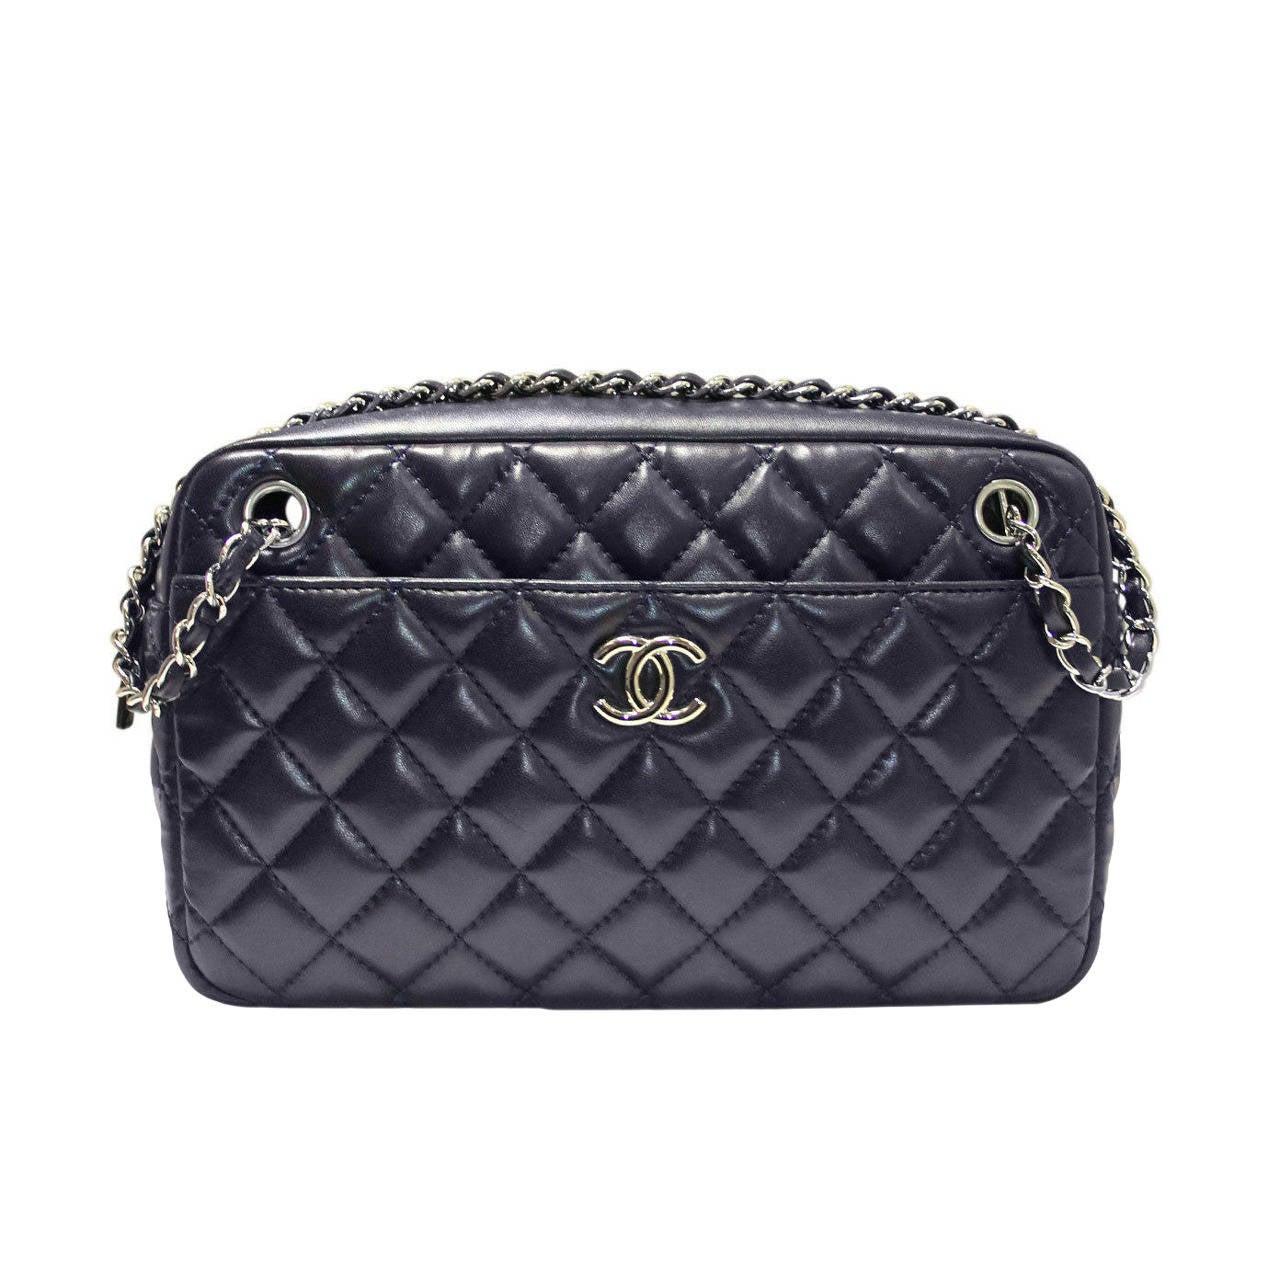 af5d1cf628a1 Chanel Navy Lambskin No. 12 Camera Bag Purse SHW Shoulder Bag at 1stdibs